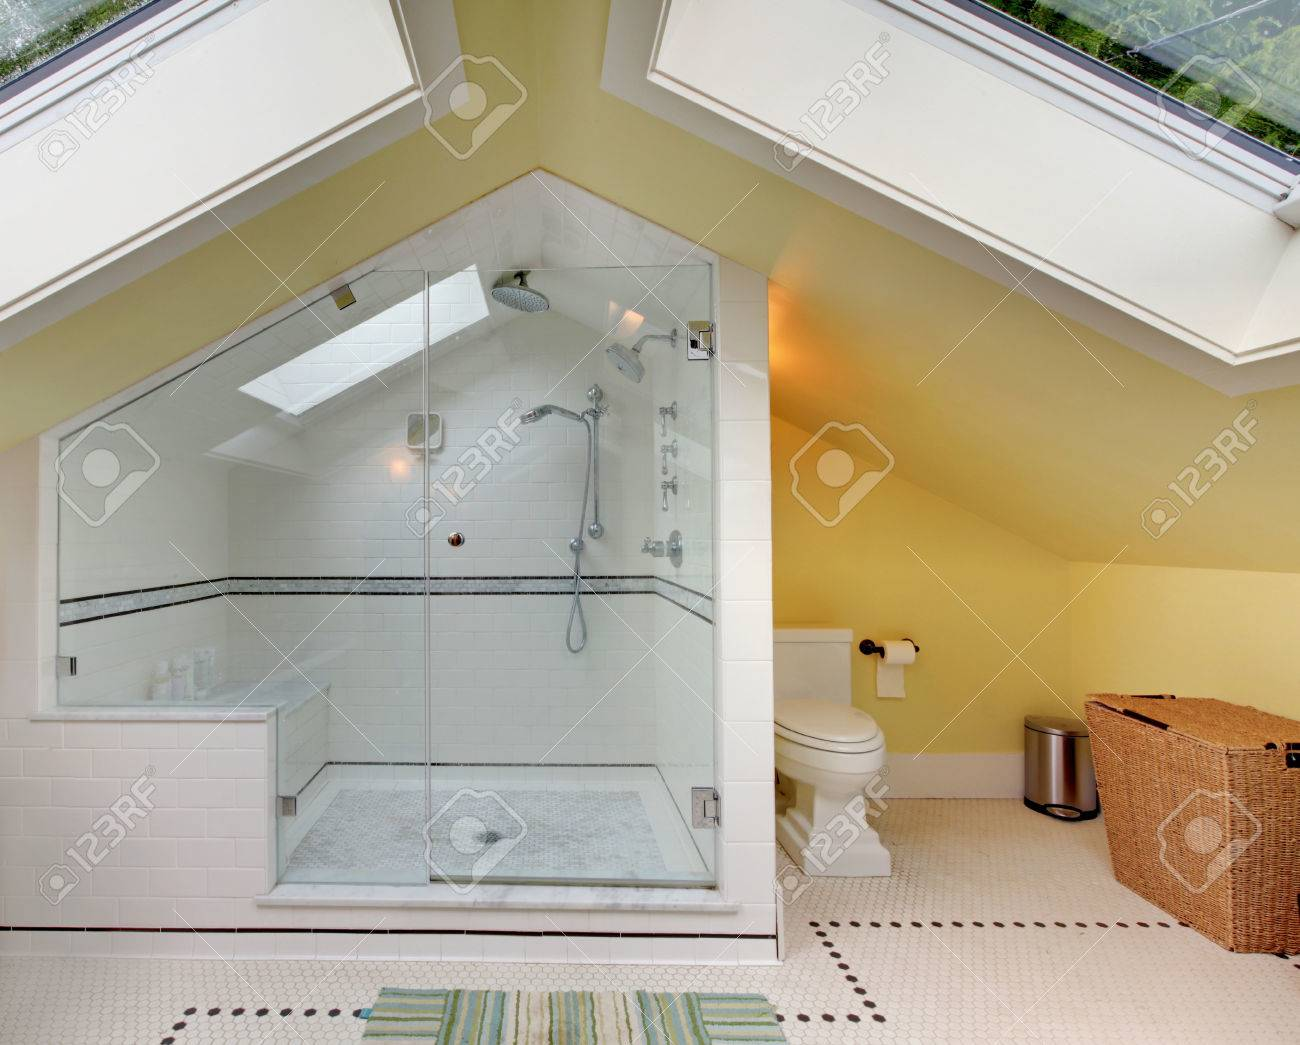 Créer Une Salle De Bain À L Étage salle de bains moderne à l'étage avec une grande douche, wc et plafond  voûté.